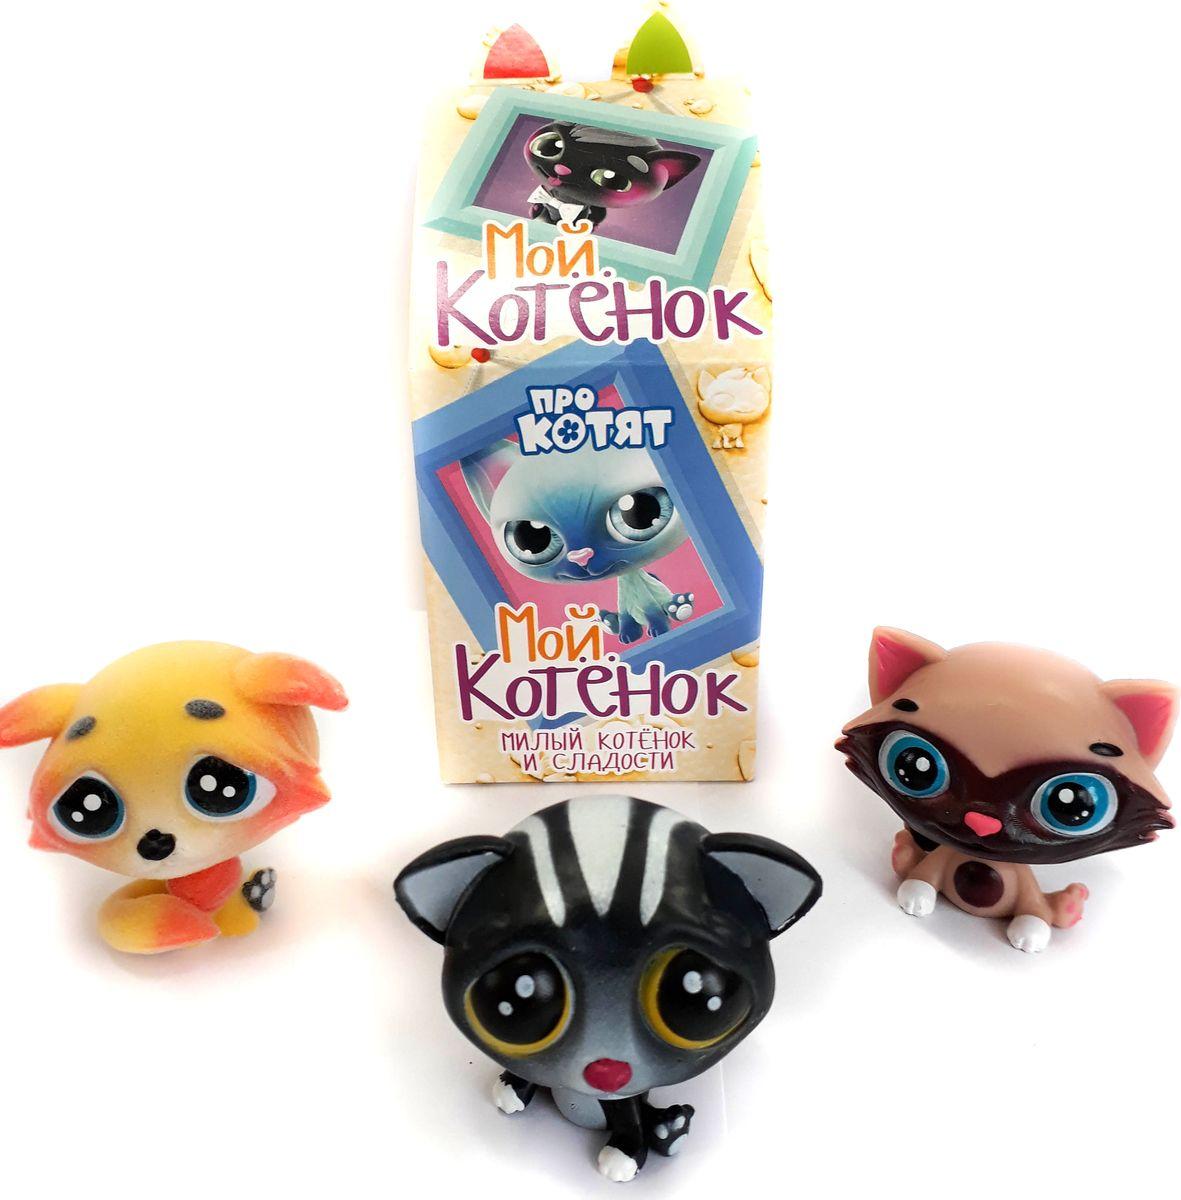 Про котят Мой котенок игрушка с цукатами, 5 г4680008640277В наборе с полезными цукатами вы найдете смешных и симпатичных котят. Они так понравятся вашему ребенку, что он не захочет выпускать их из рук. Голова игрушки поворачивается во все стороны. Большие глаза. Высота игрушки до 6 см. 12 персонажей в коллекции.УВАЖАЕМЫЕ КЛИЕНТЫ! Обращаем ваше внимание на возможные изменения в дизайне,связанные с ассортиментом продукции. Поставка осуществляется взависимостиот наличия на складе.